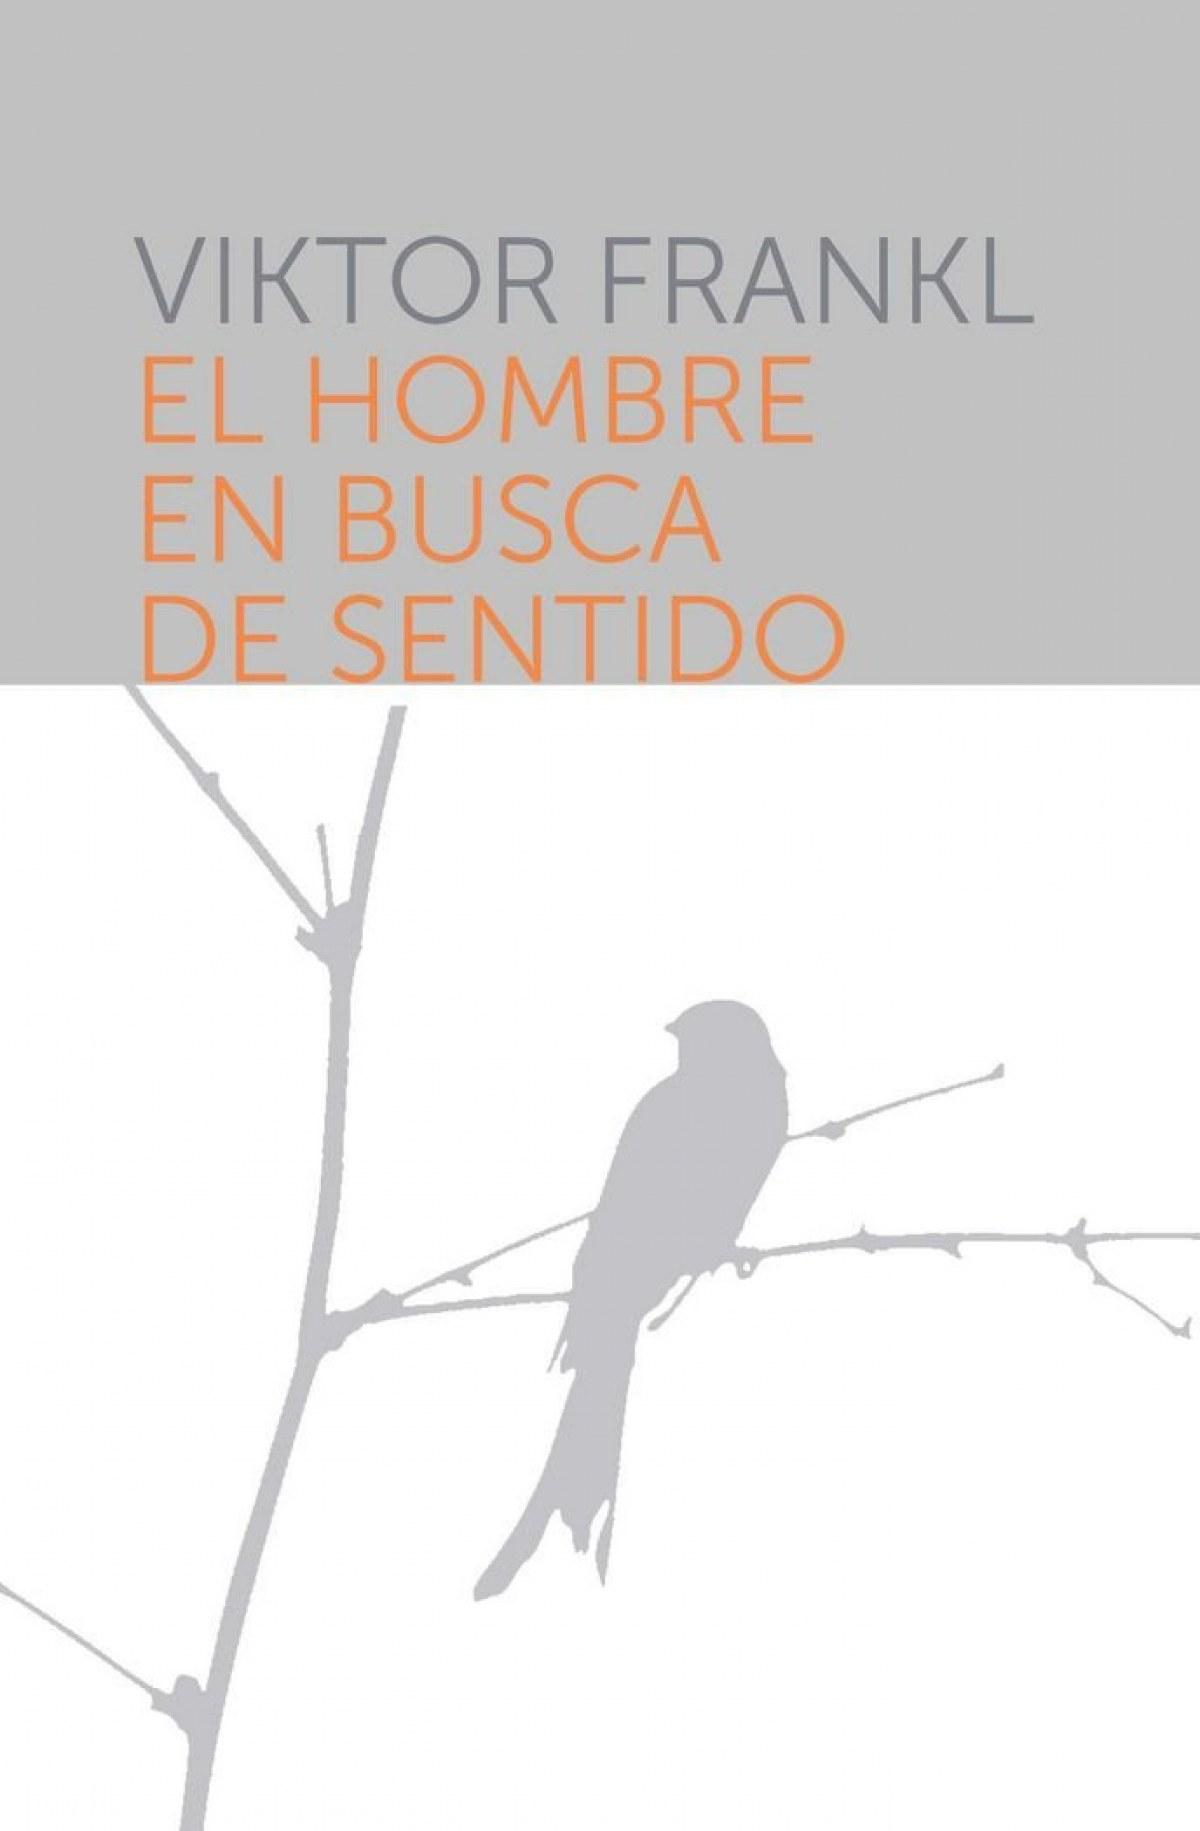 EL HOMBRE EN BUSCA DE SENTIDO (TELA) 9788425439896